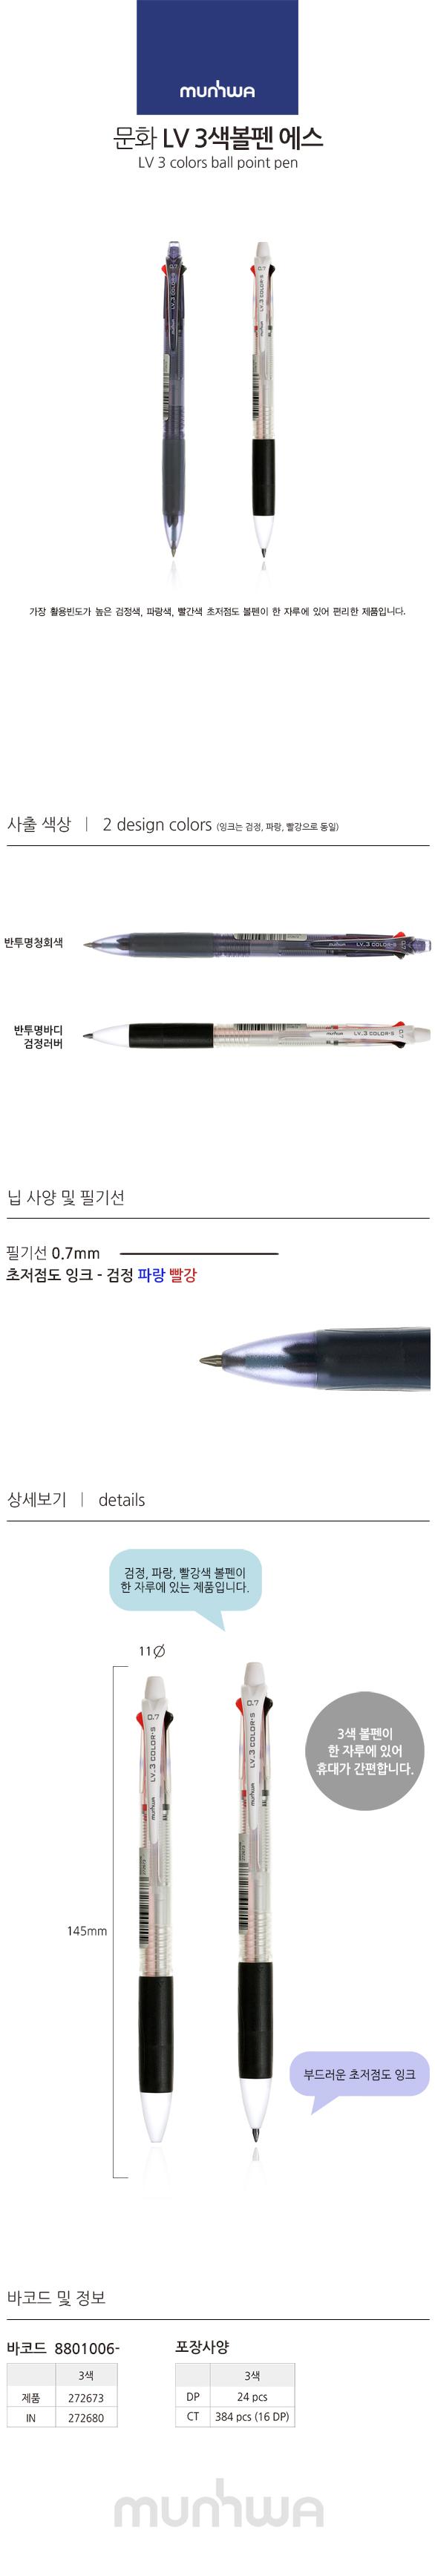 LV 3색볼펜 에스(0.7/1자루/문화) - 오피스디포, 1,000원, 볼펜, 멀티색상 볼펜